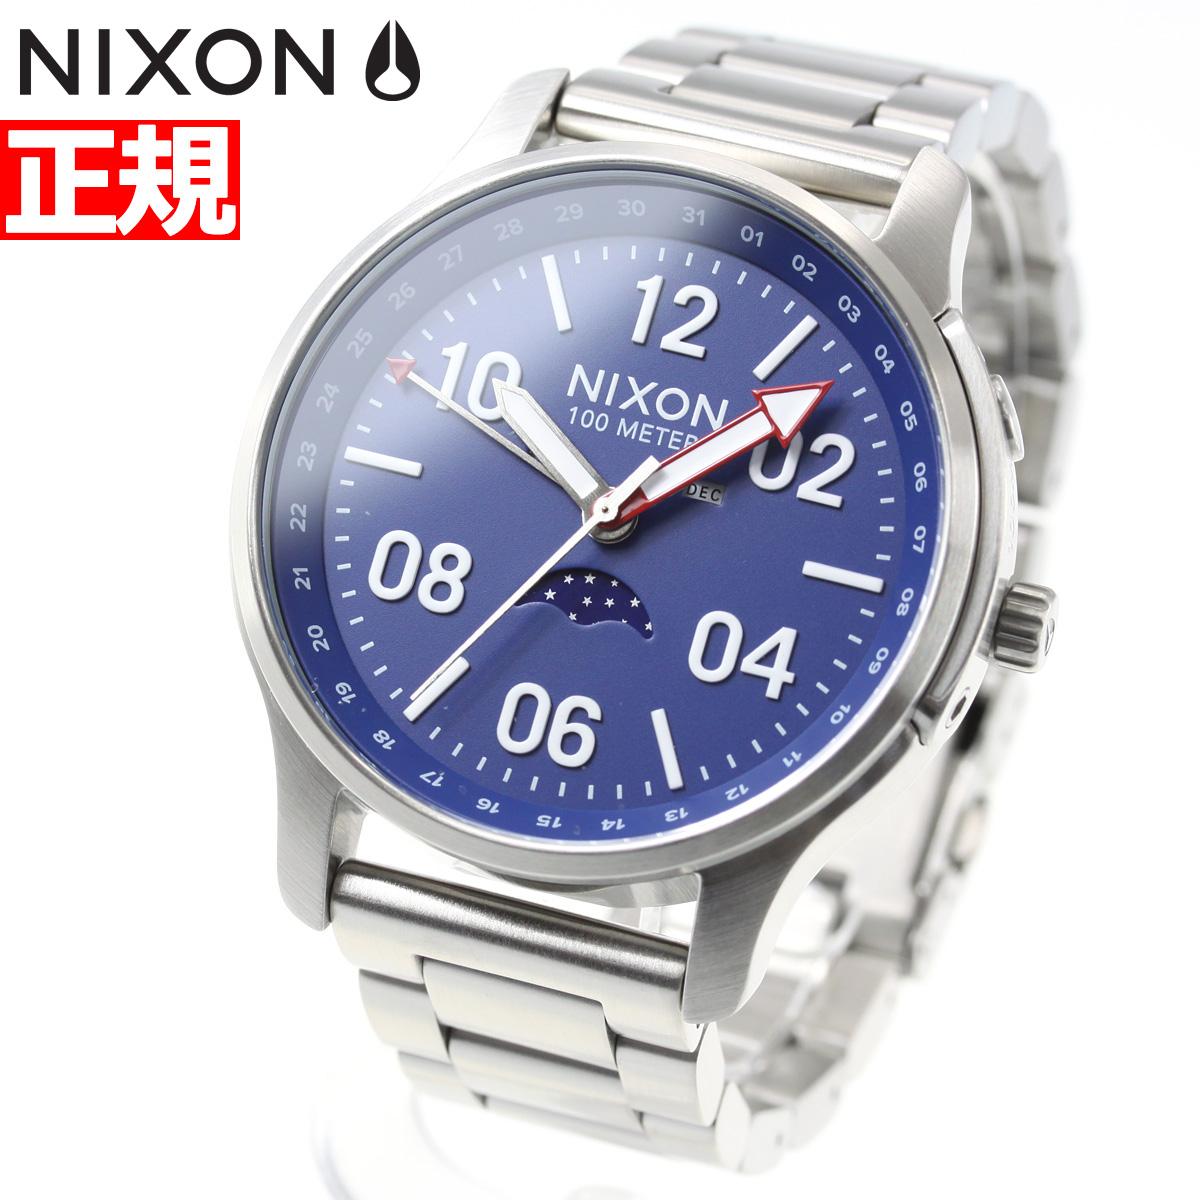 ニクソン NIXON アセンダー ASCENDER 腕時計 メンズ SILVER/BLUE NA1208722-00【2018 新作】